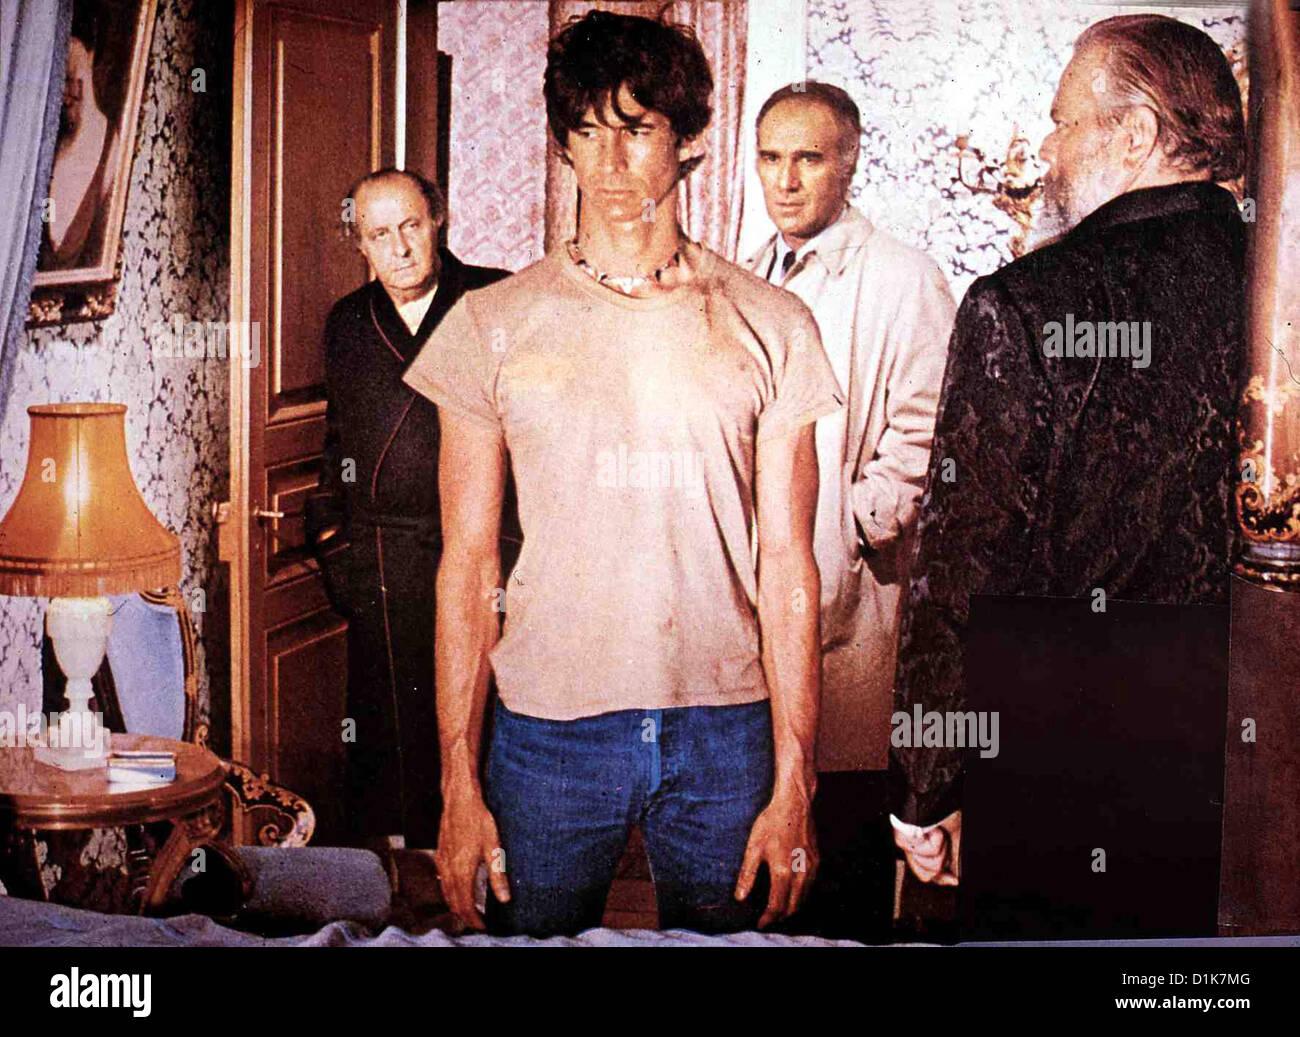 Der Zehnte Tag Jahrzehnt Prodigieuse, La?, Anthony Perkins, Michel Piccoli, Orson Welles Als Ein Geheimnisvoller Stockbild